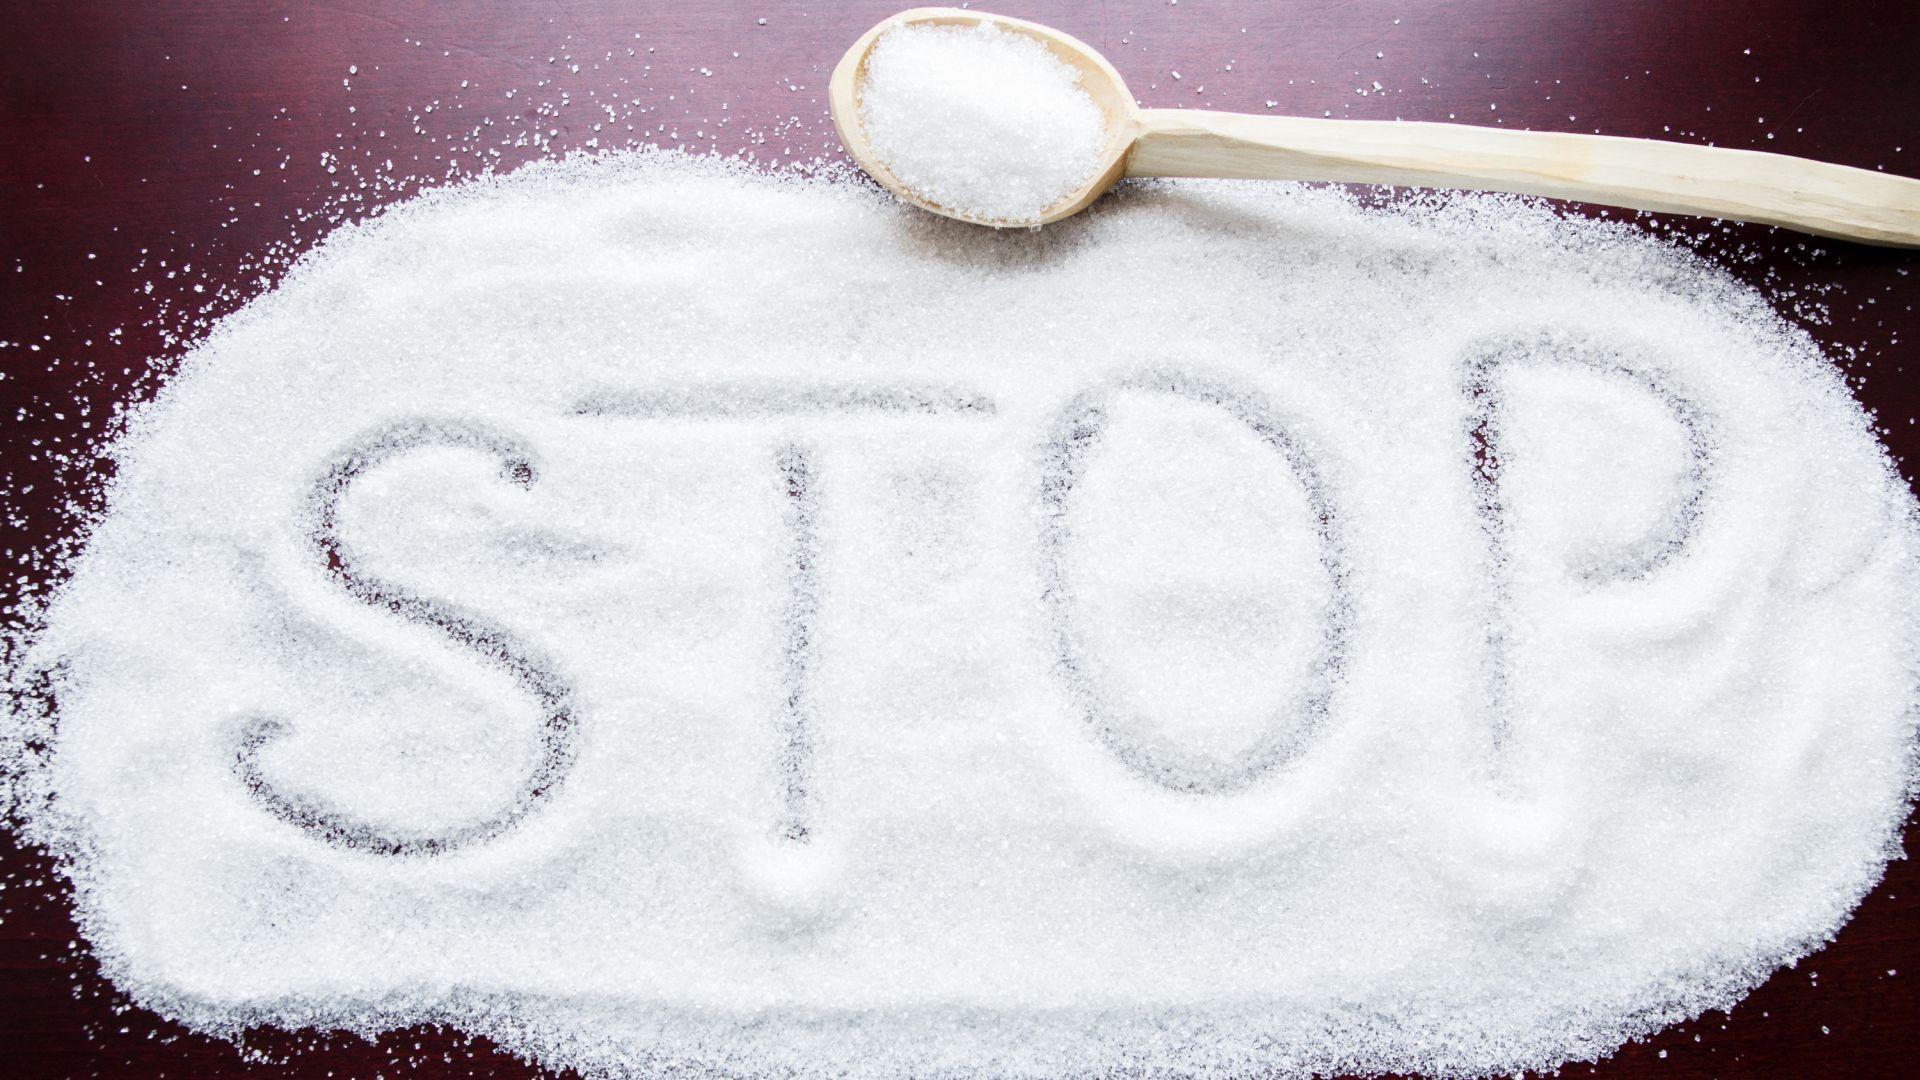 Spożycie soli kuchennej w diecie przy nadciśnieniu powinno być ograniczone do minimum - wybieraj produkty bogate w potas, warzywa i chude mięso.